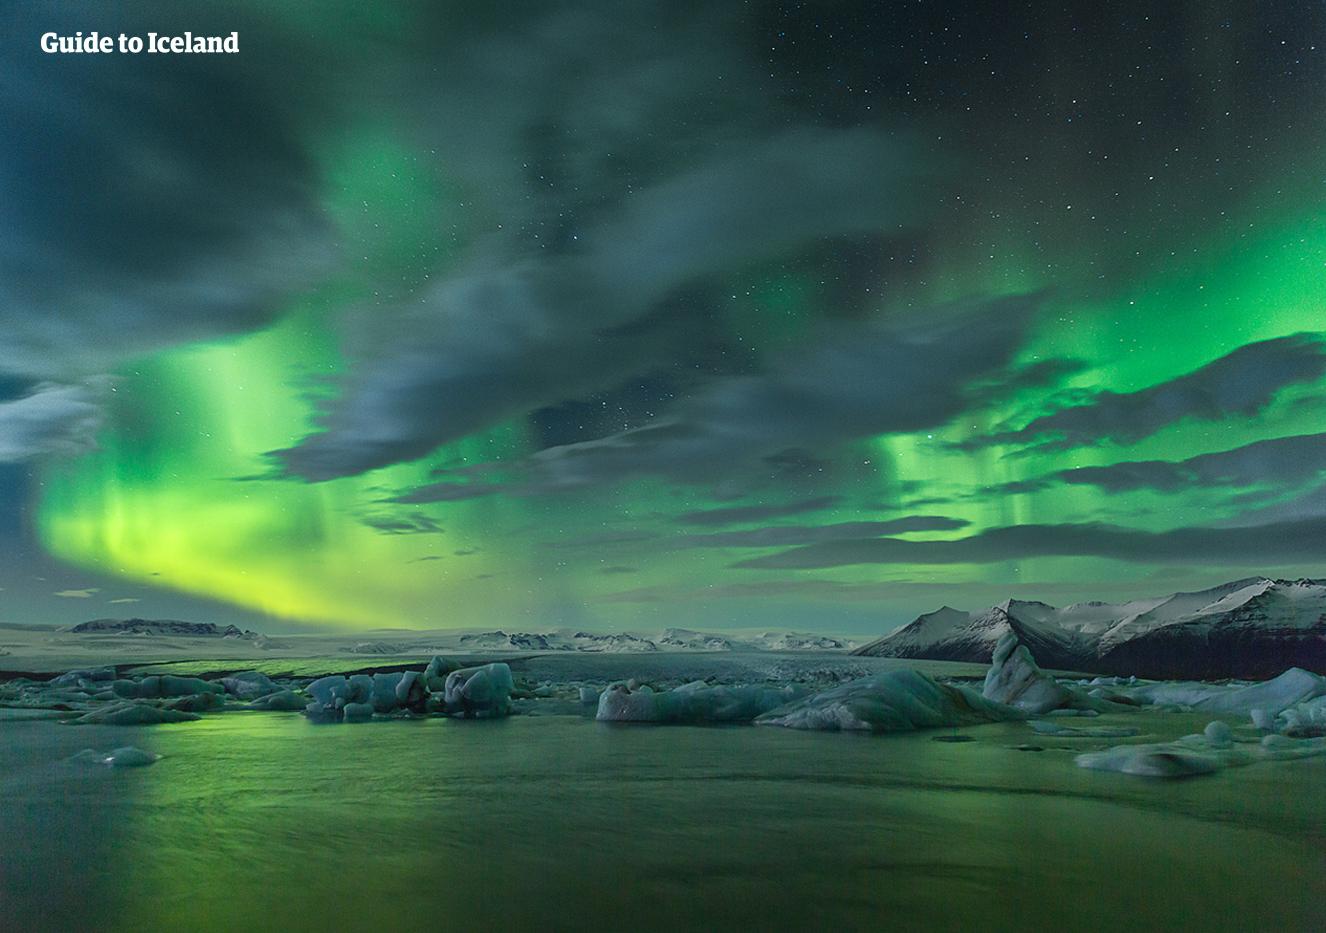 冰岛南岸大牌景点一个接一个,是来冰岛的必去景区